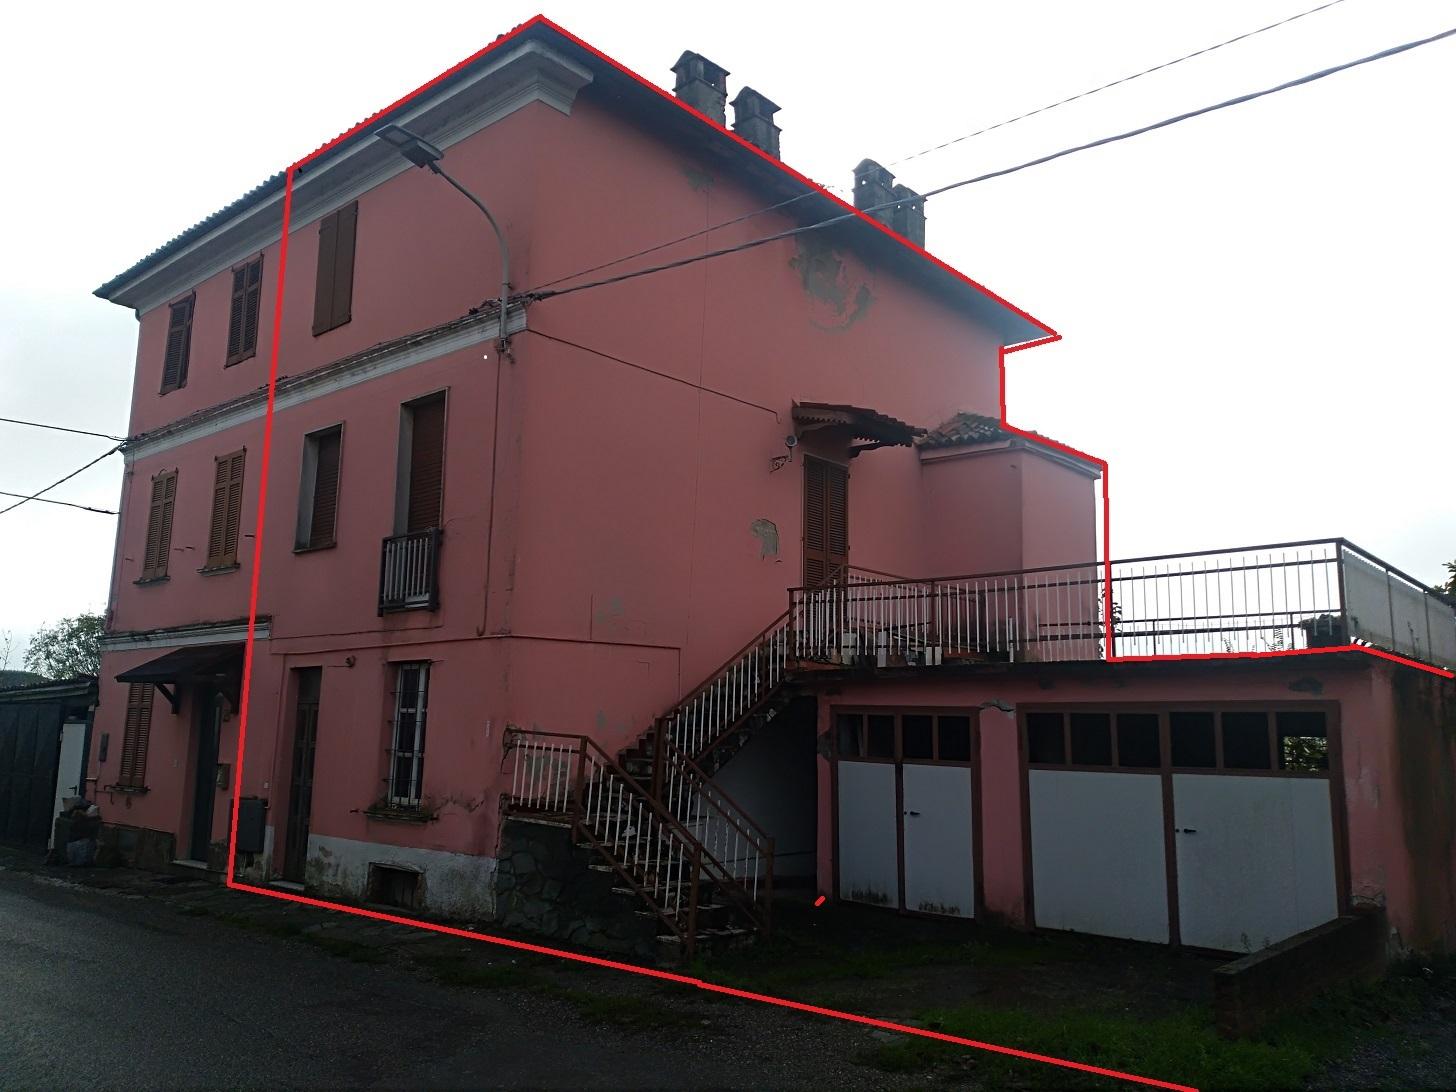 MONTU'  BECCARIA (PV) collinare casa d'abitazione autonoma con giardino